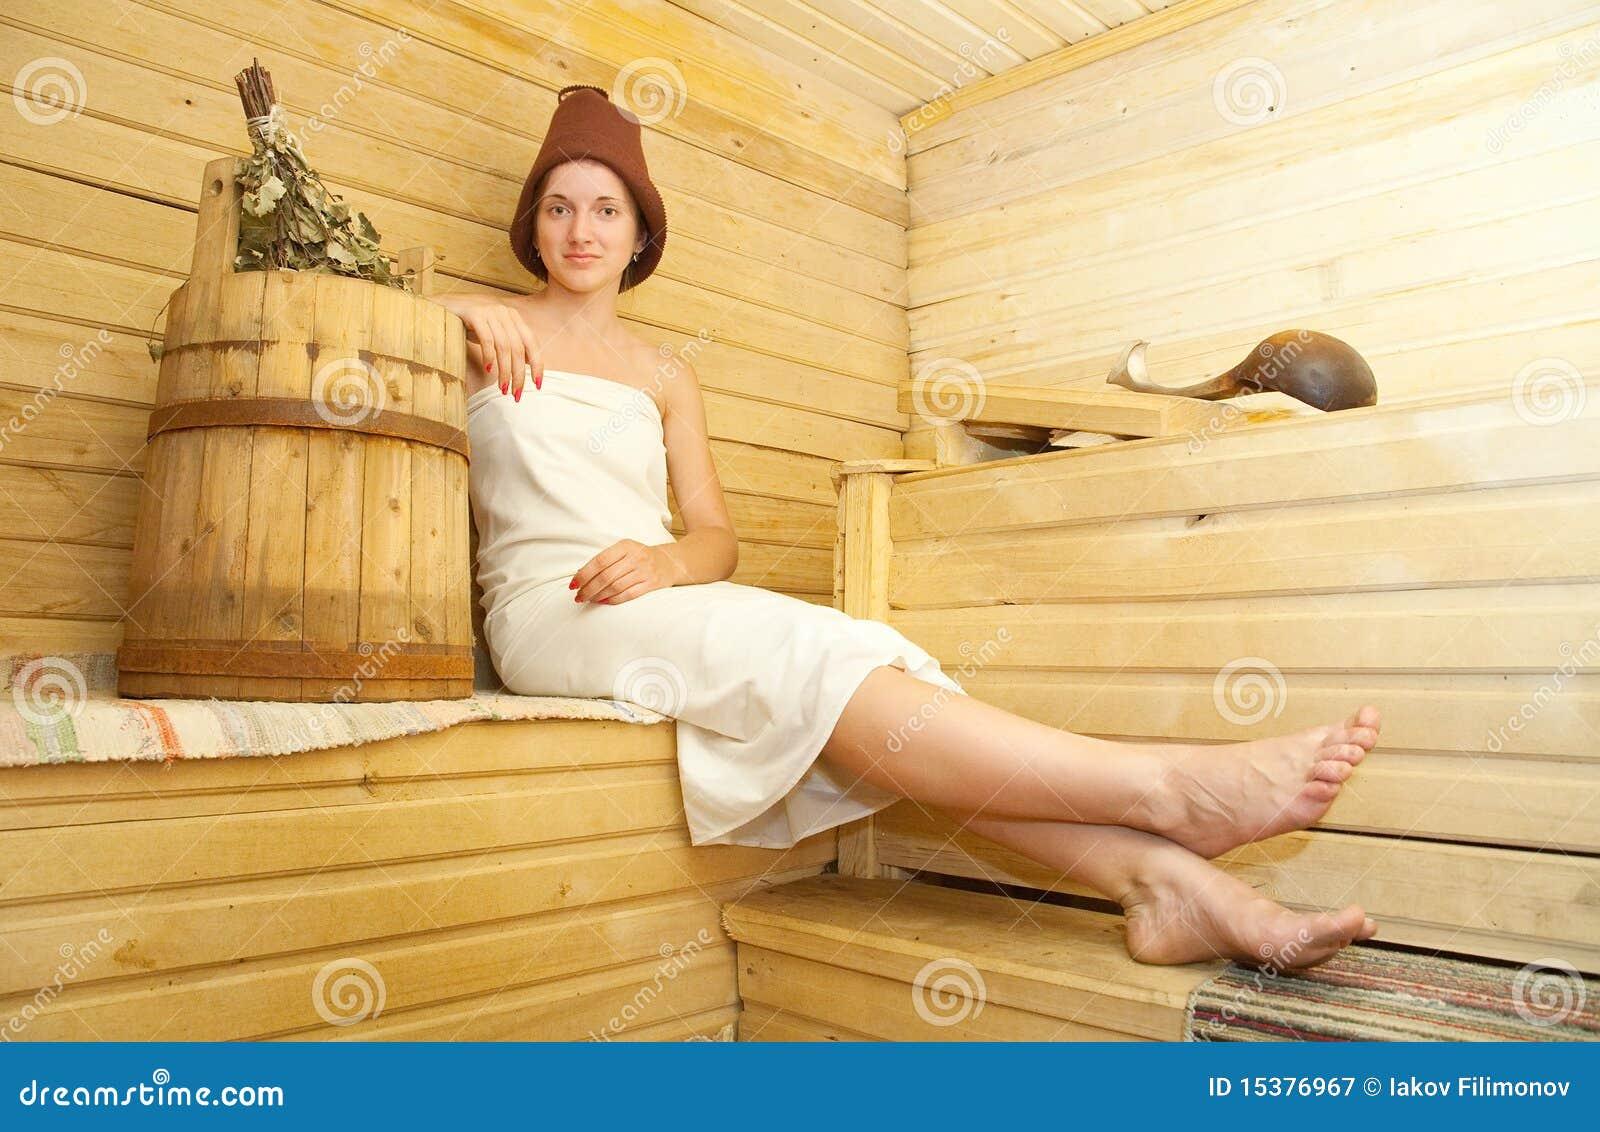 Русская женщина в бане фото, Жена в бане. Фото русских голых жен в сауне сделанное 23 фотография